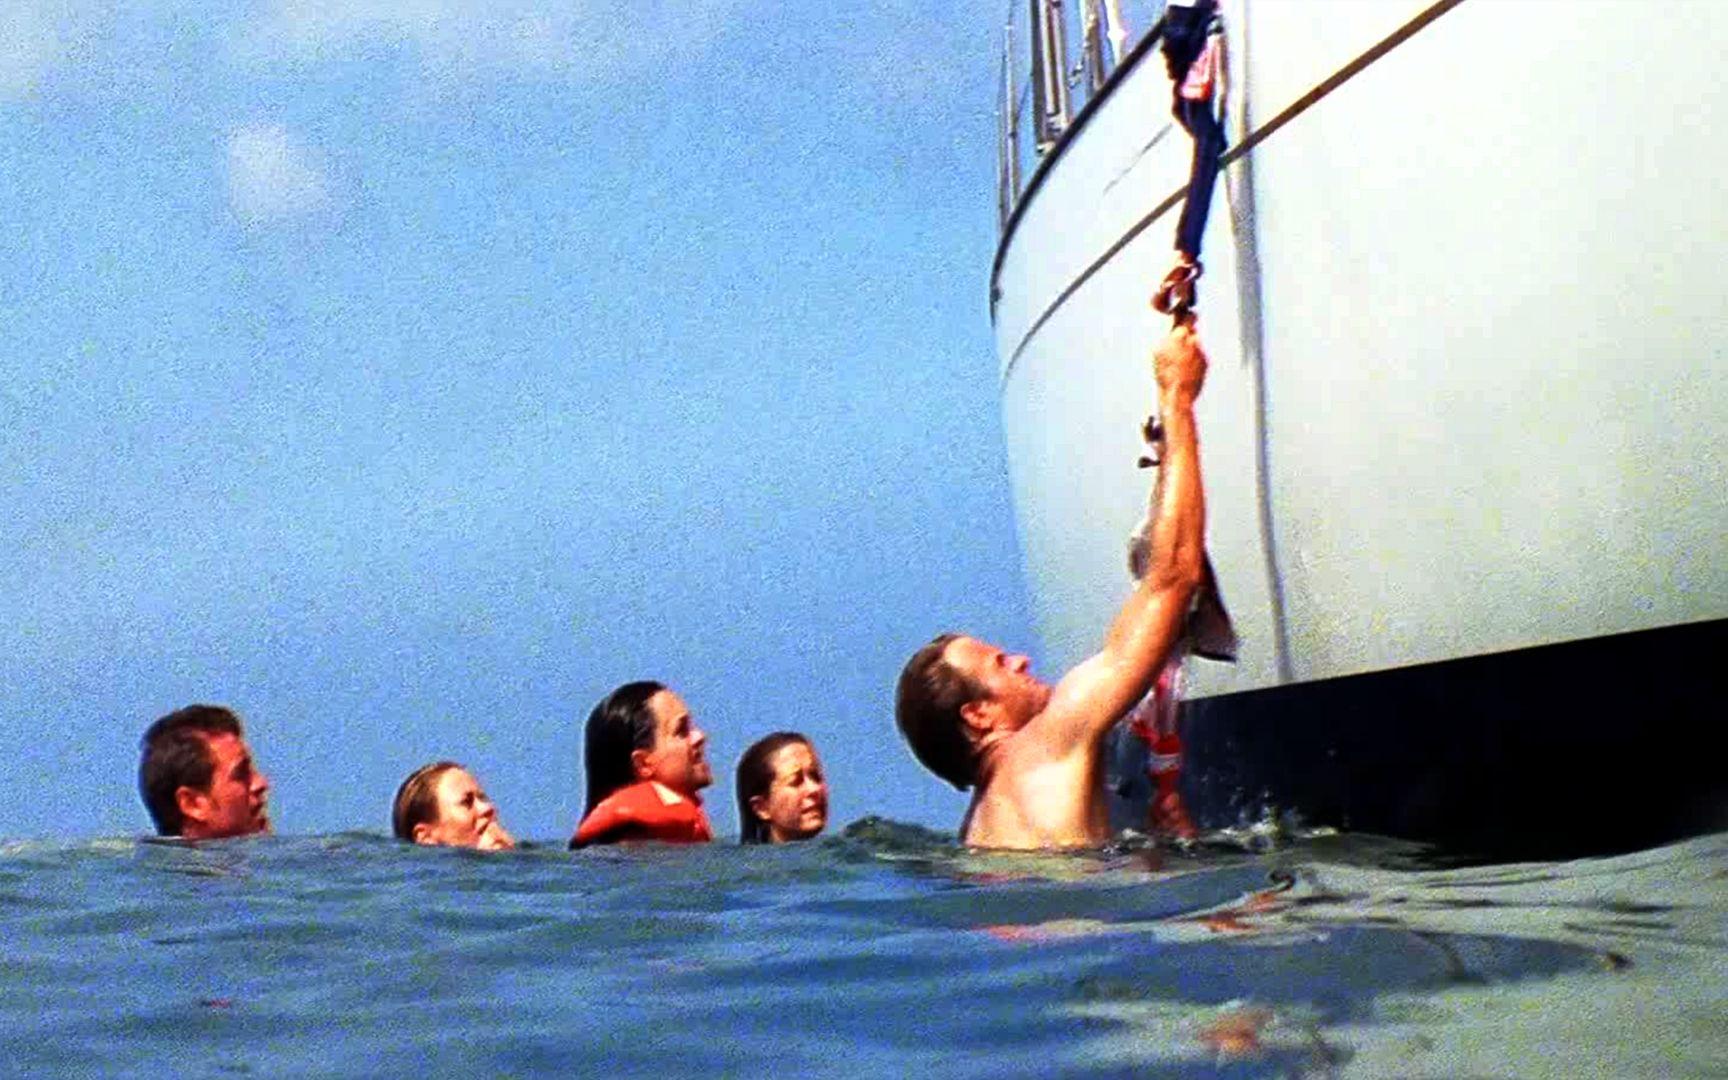 一群人远海游泳,结果忘记放船梯,最终几人能生还,真事改编电影